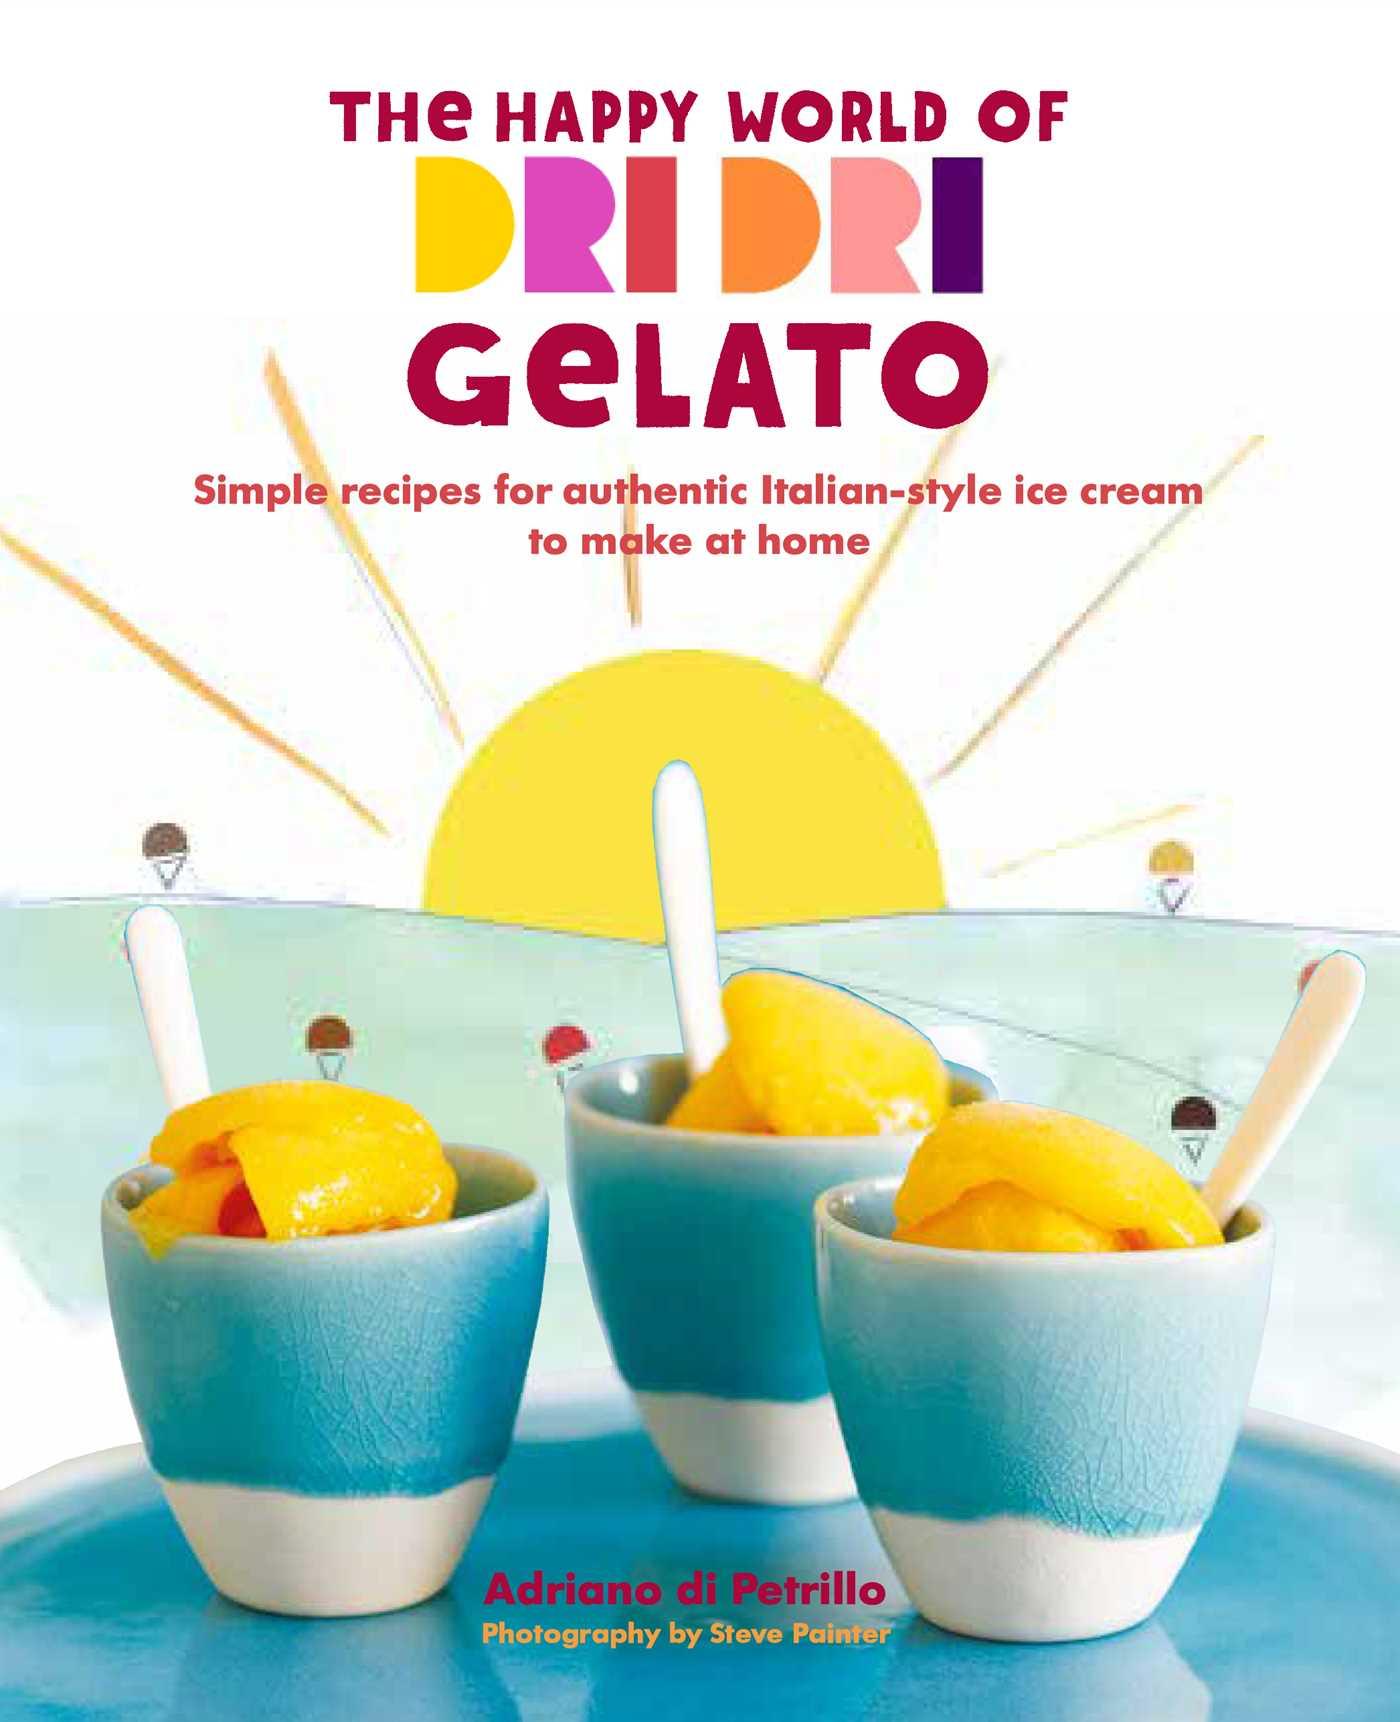 The happy world of dri dri gelato 9781849759434 hr